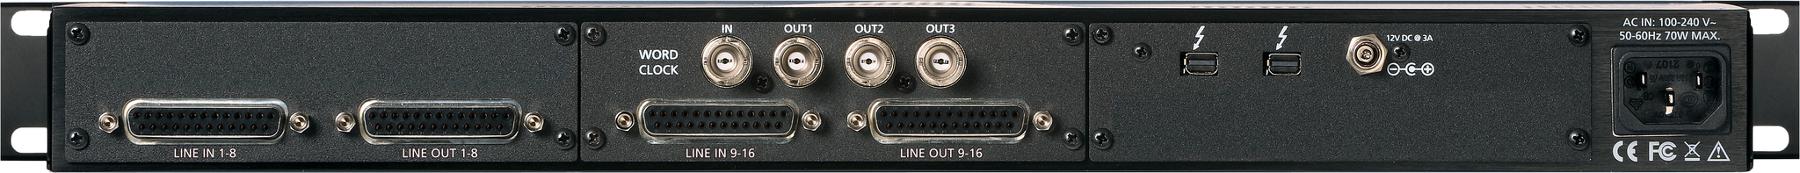 16-channel 24-bit / 192 kHz A/D D/A Converter System [USB]